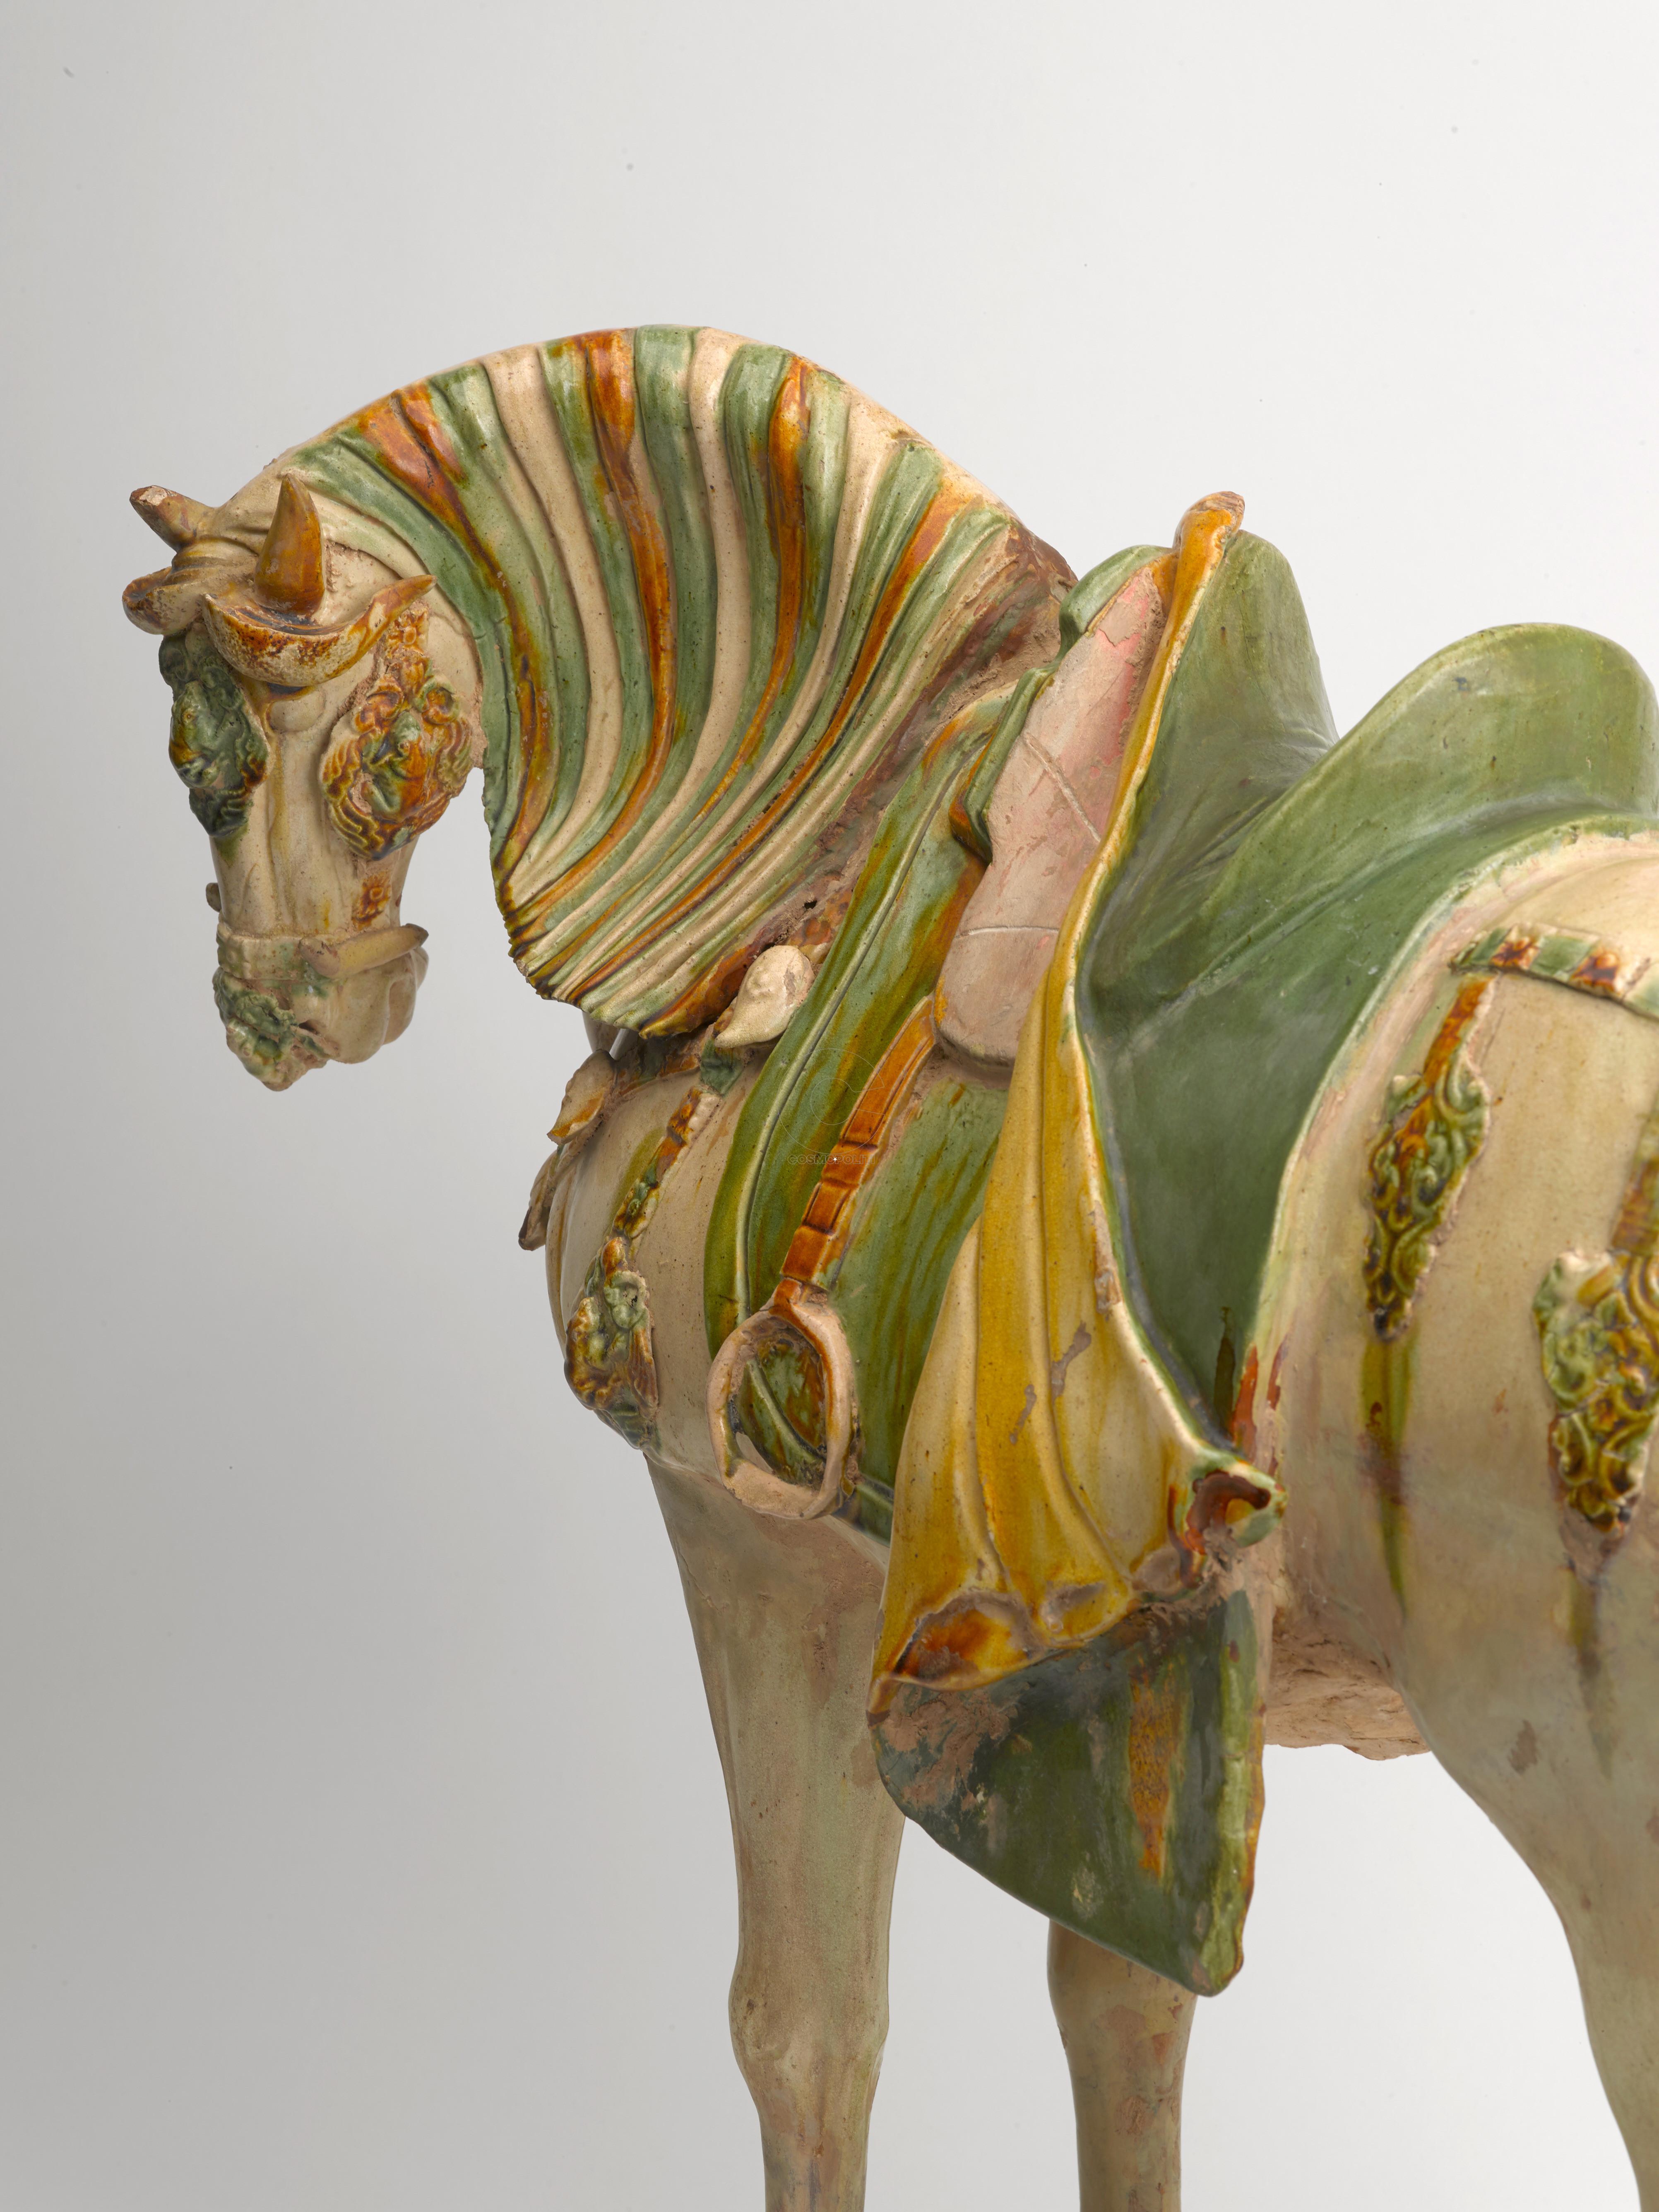 Άλογο με ιπποσκευή, ταφικό ειδώλιο